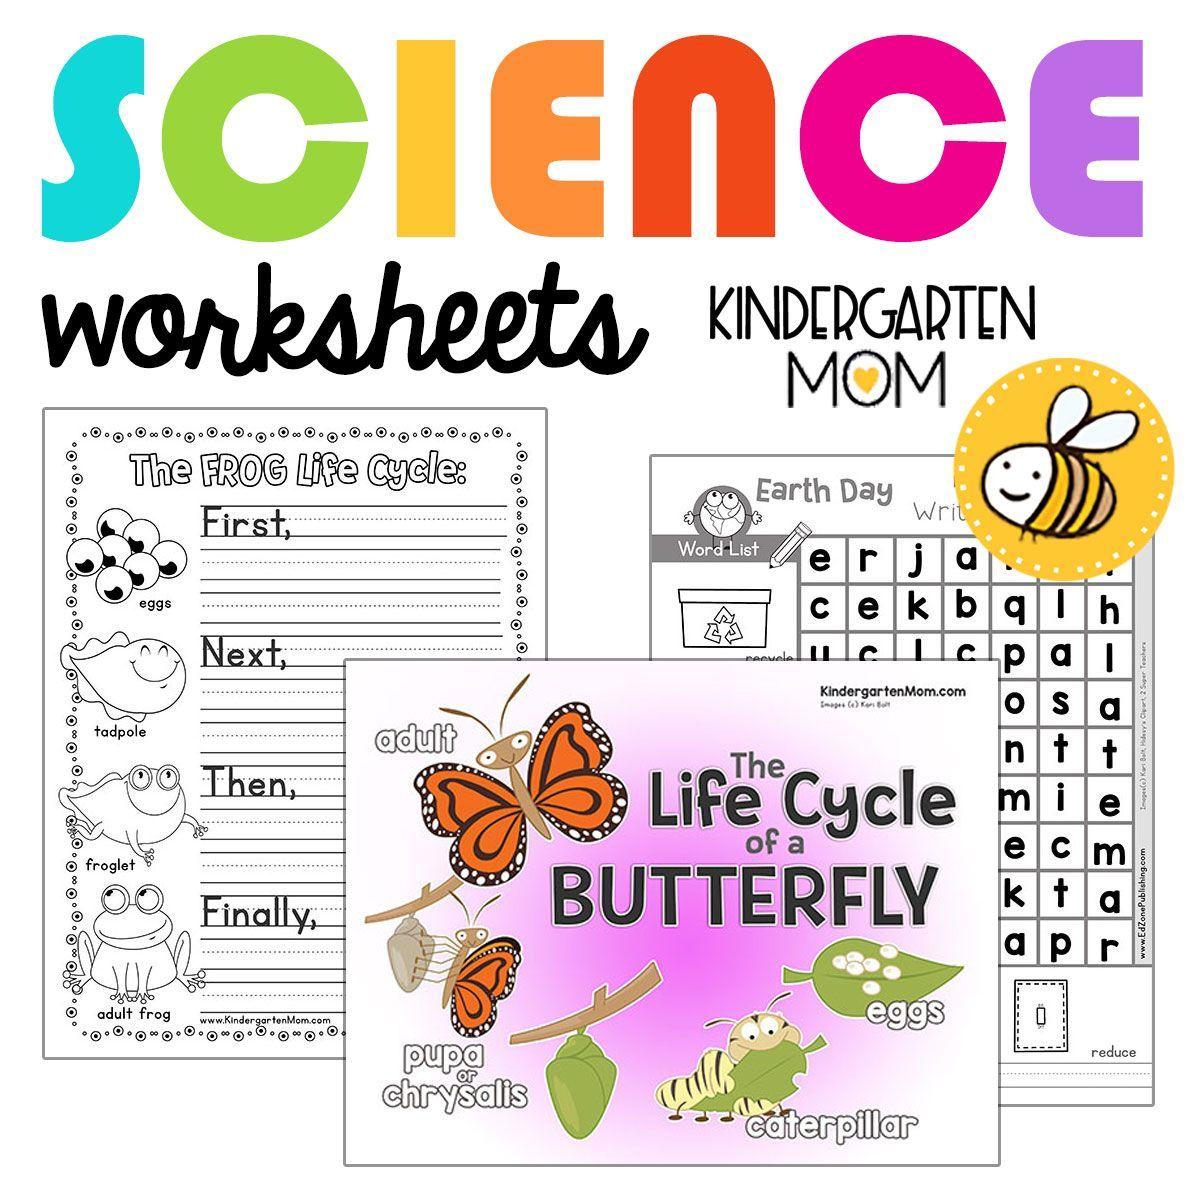 Kindergarten Worksheets Kindergarten Mom Kindergarten Worksheets Sight Words Kindergarten Phonics Worksheets Kindergarten Worksheets [ 1200 x 1200 Pixel ]